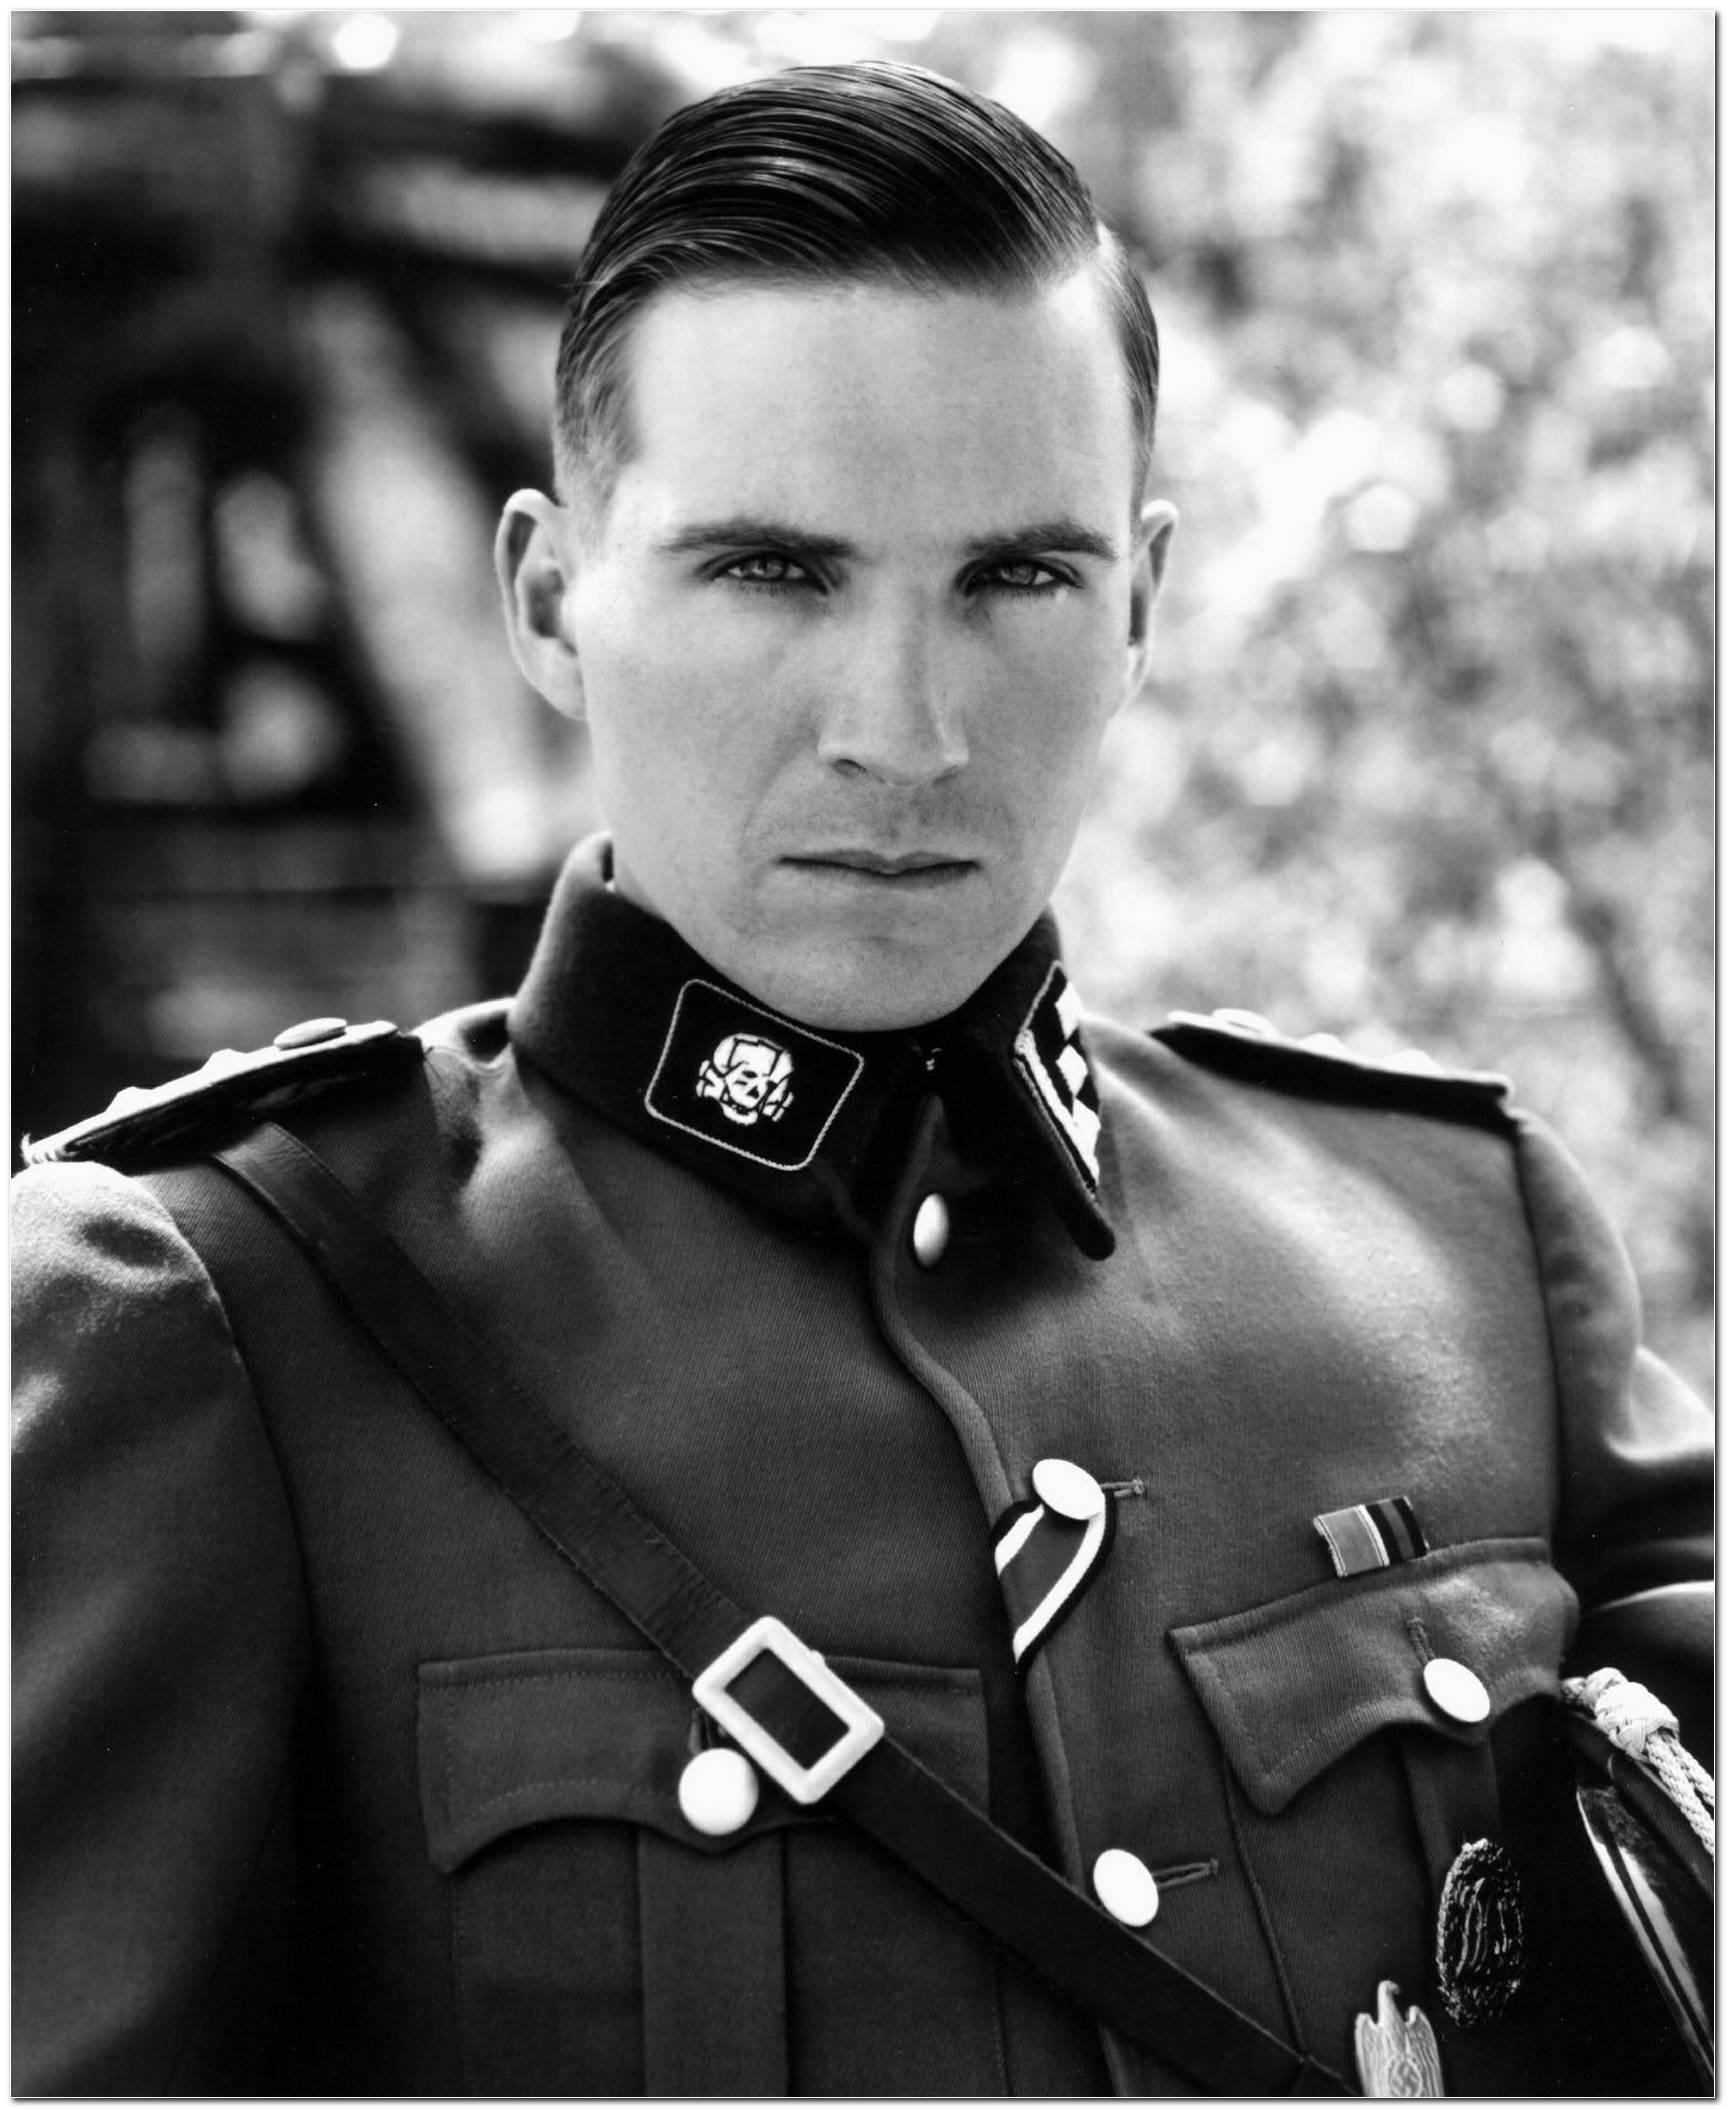 Frisuren Der Hitlerjugend